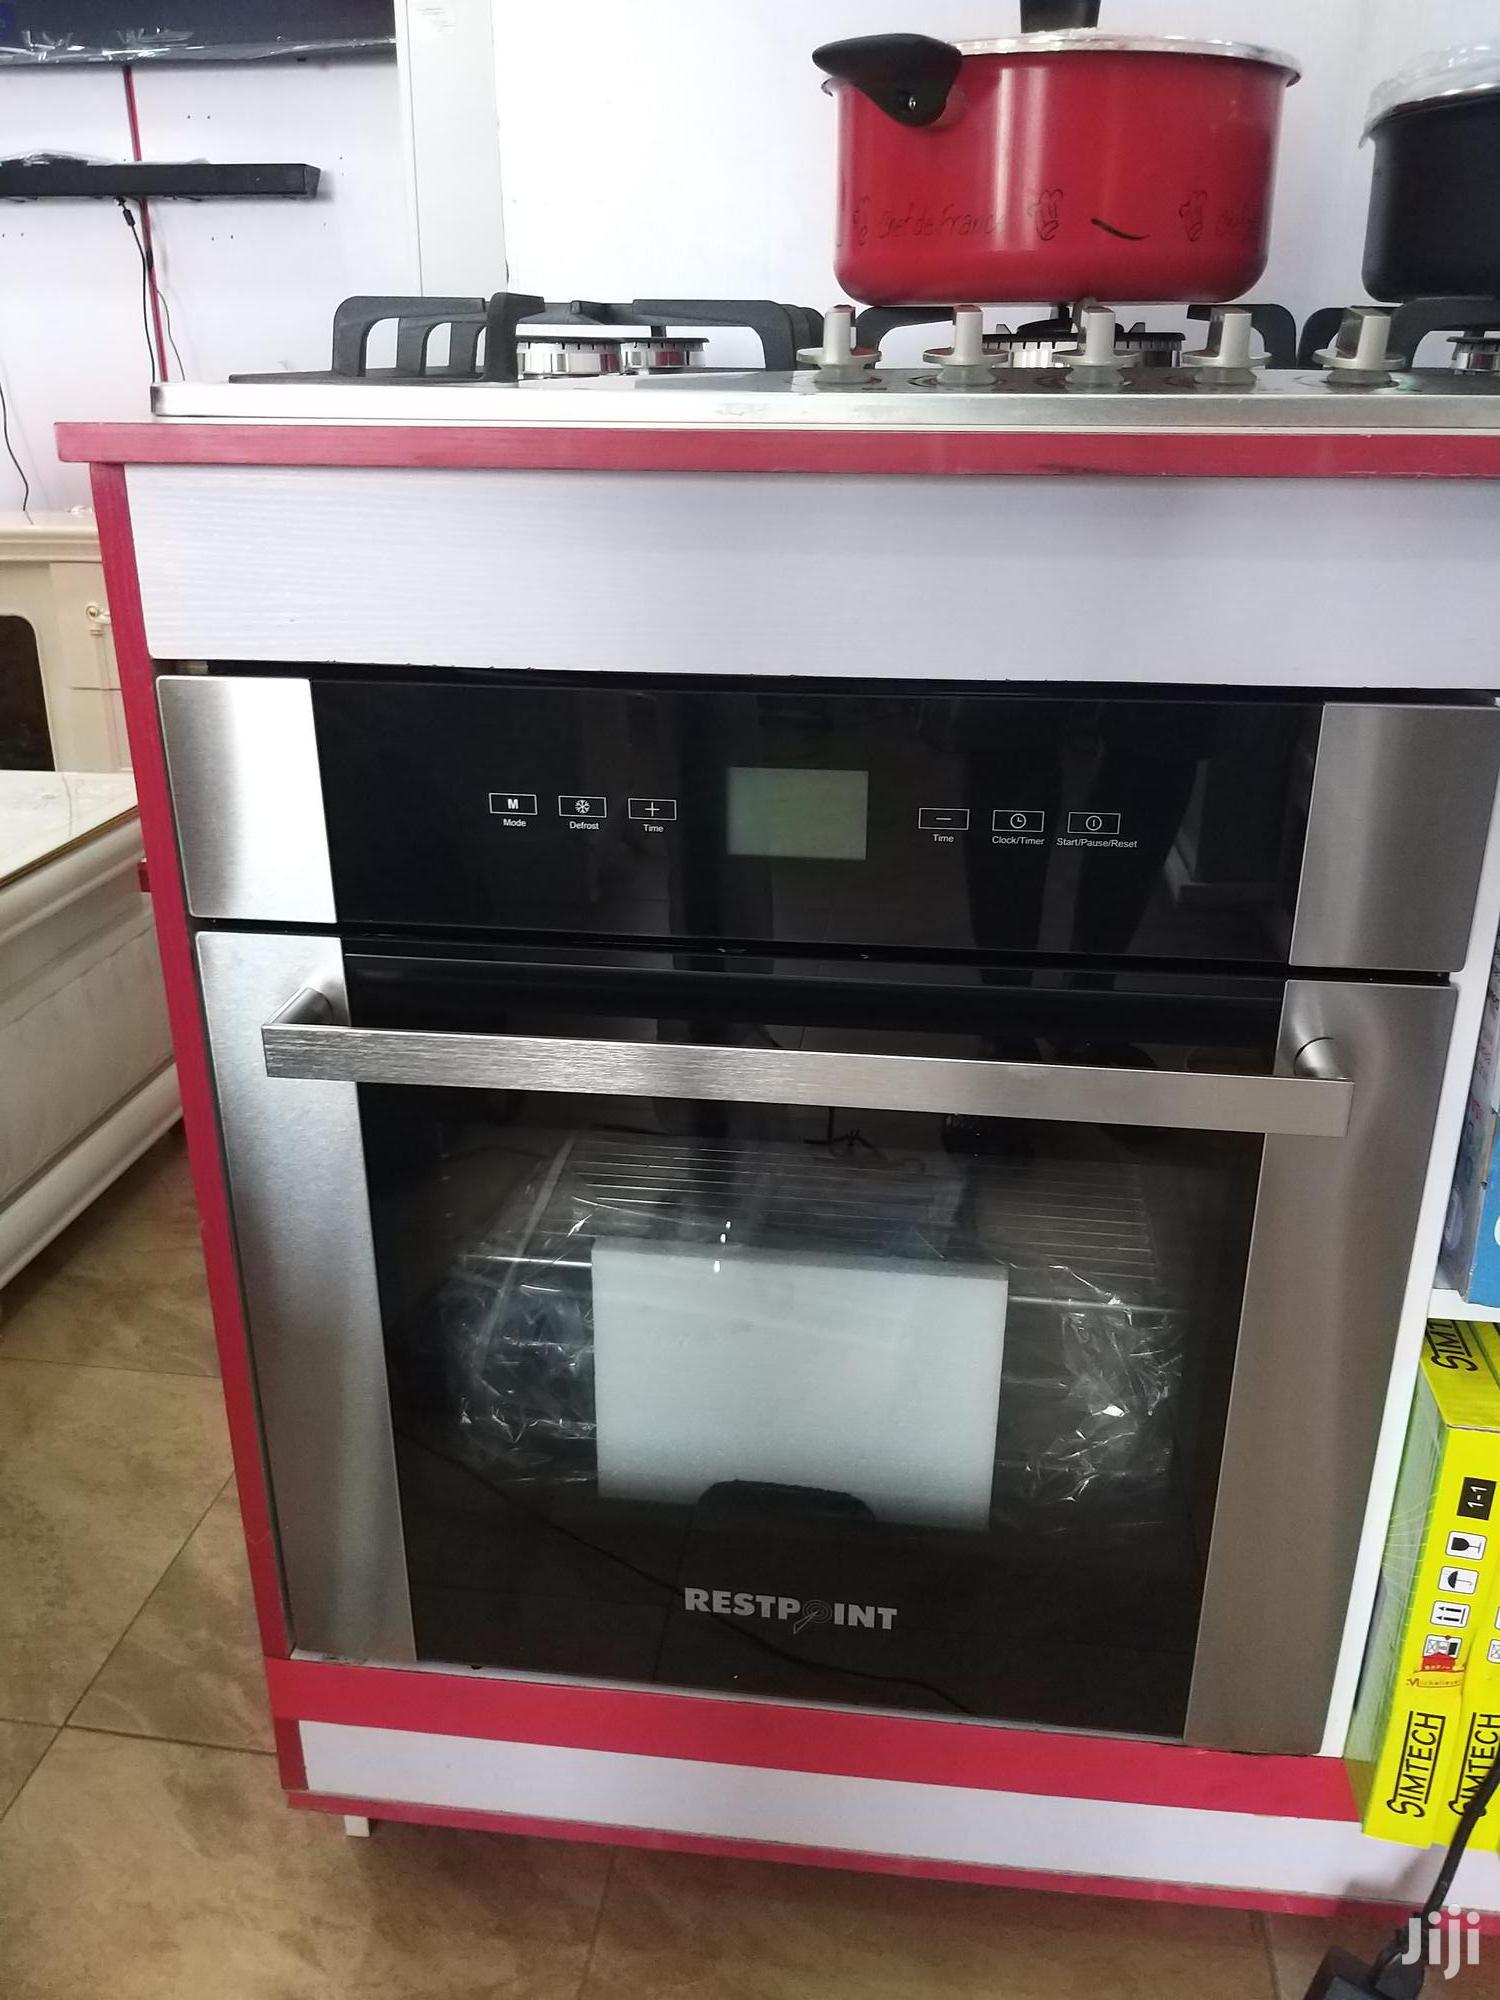 Restpoint Built in Oven | Kitchen Appliances for sale in Benin City, Edo State, Nigeria